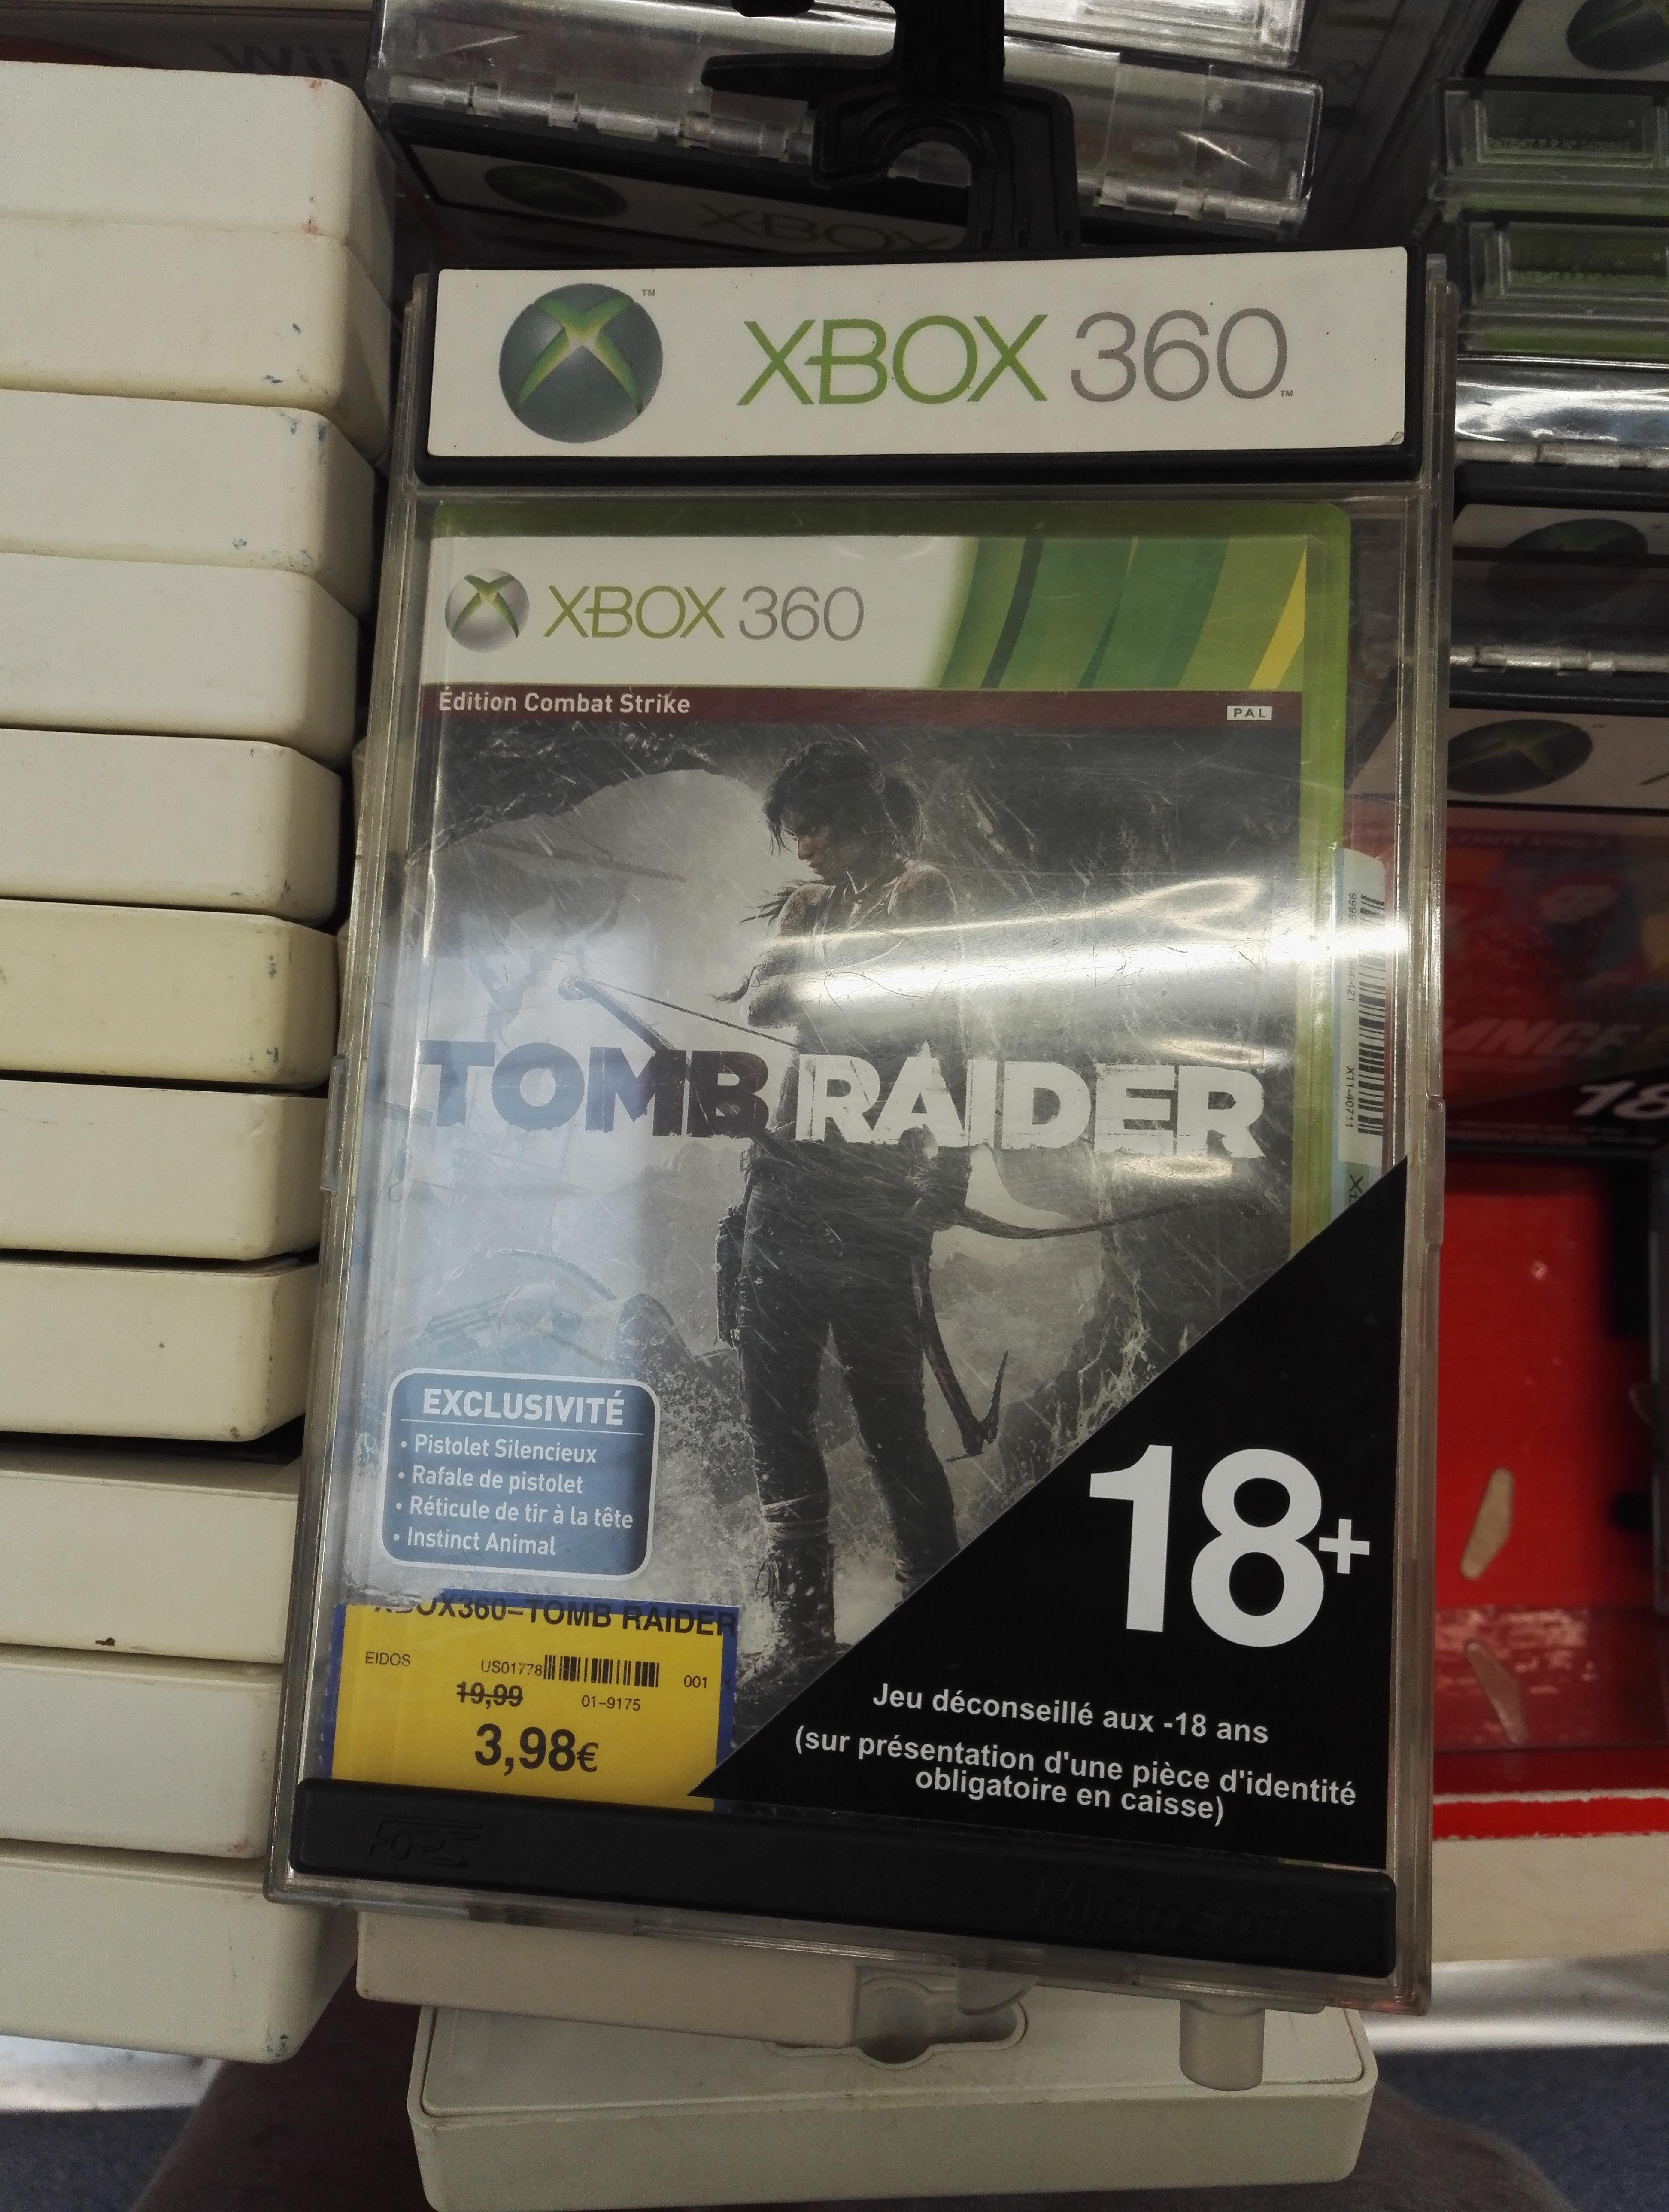 Sélection de Jeux Vidéos en promotions - Ex : Tomb Raider Edition Combat Strike sur Xbox 360